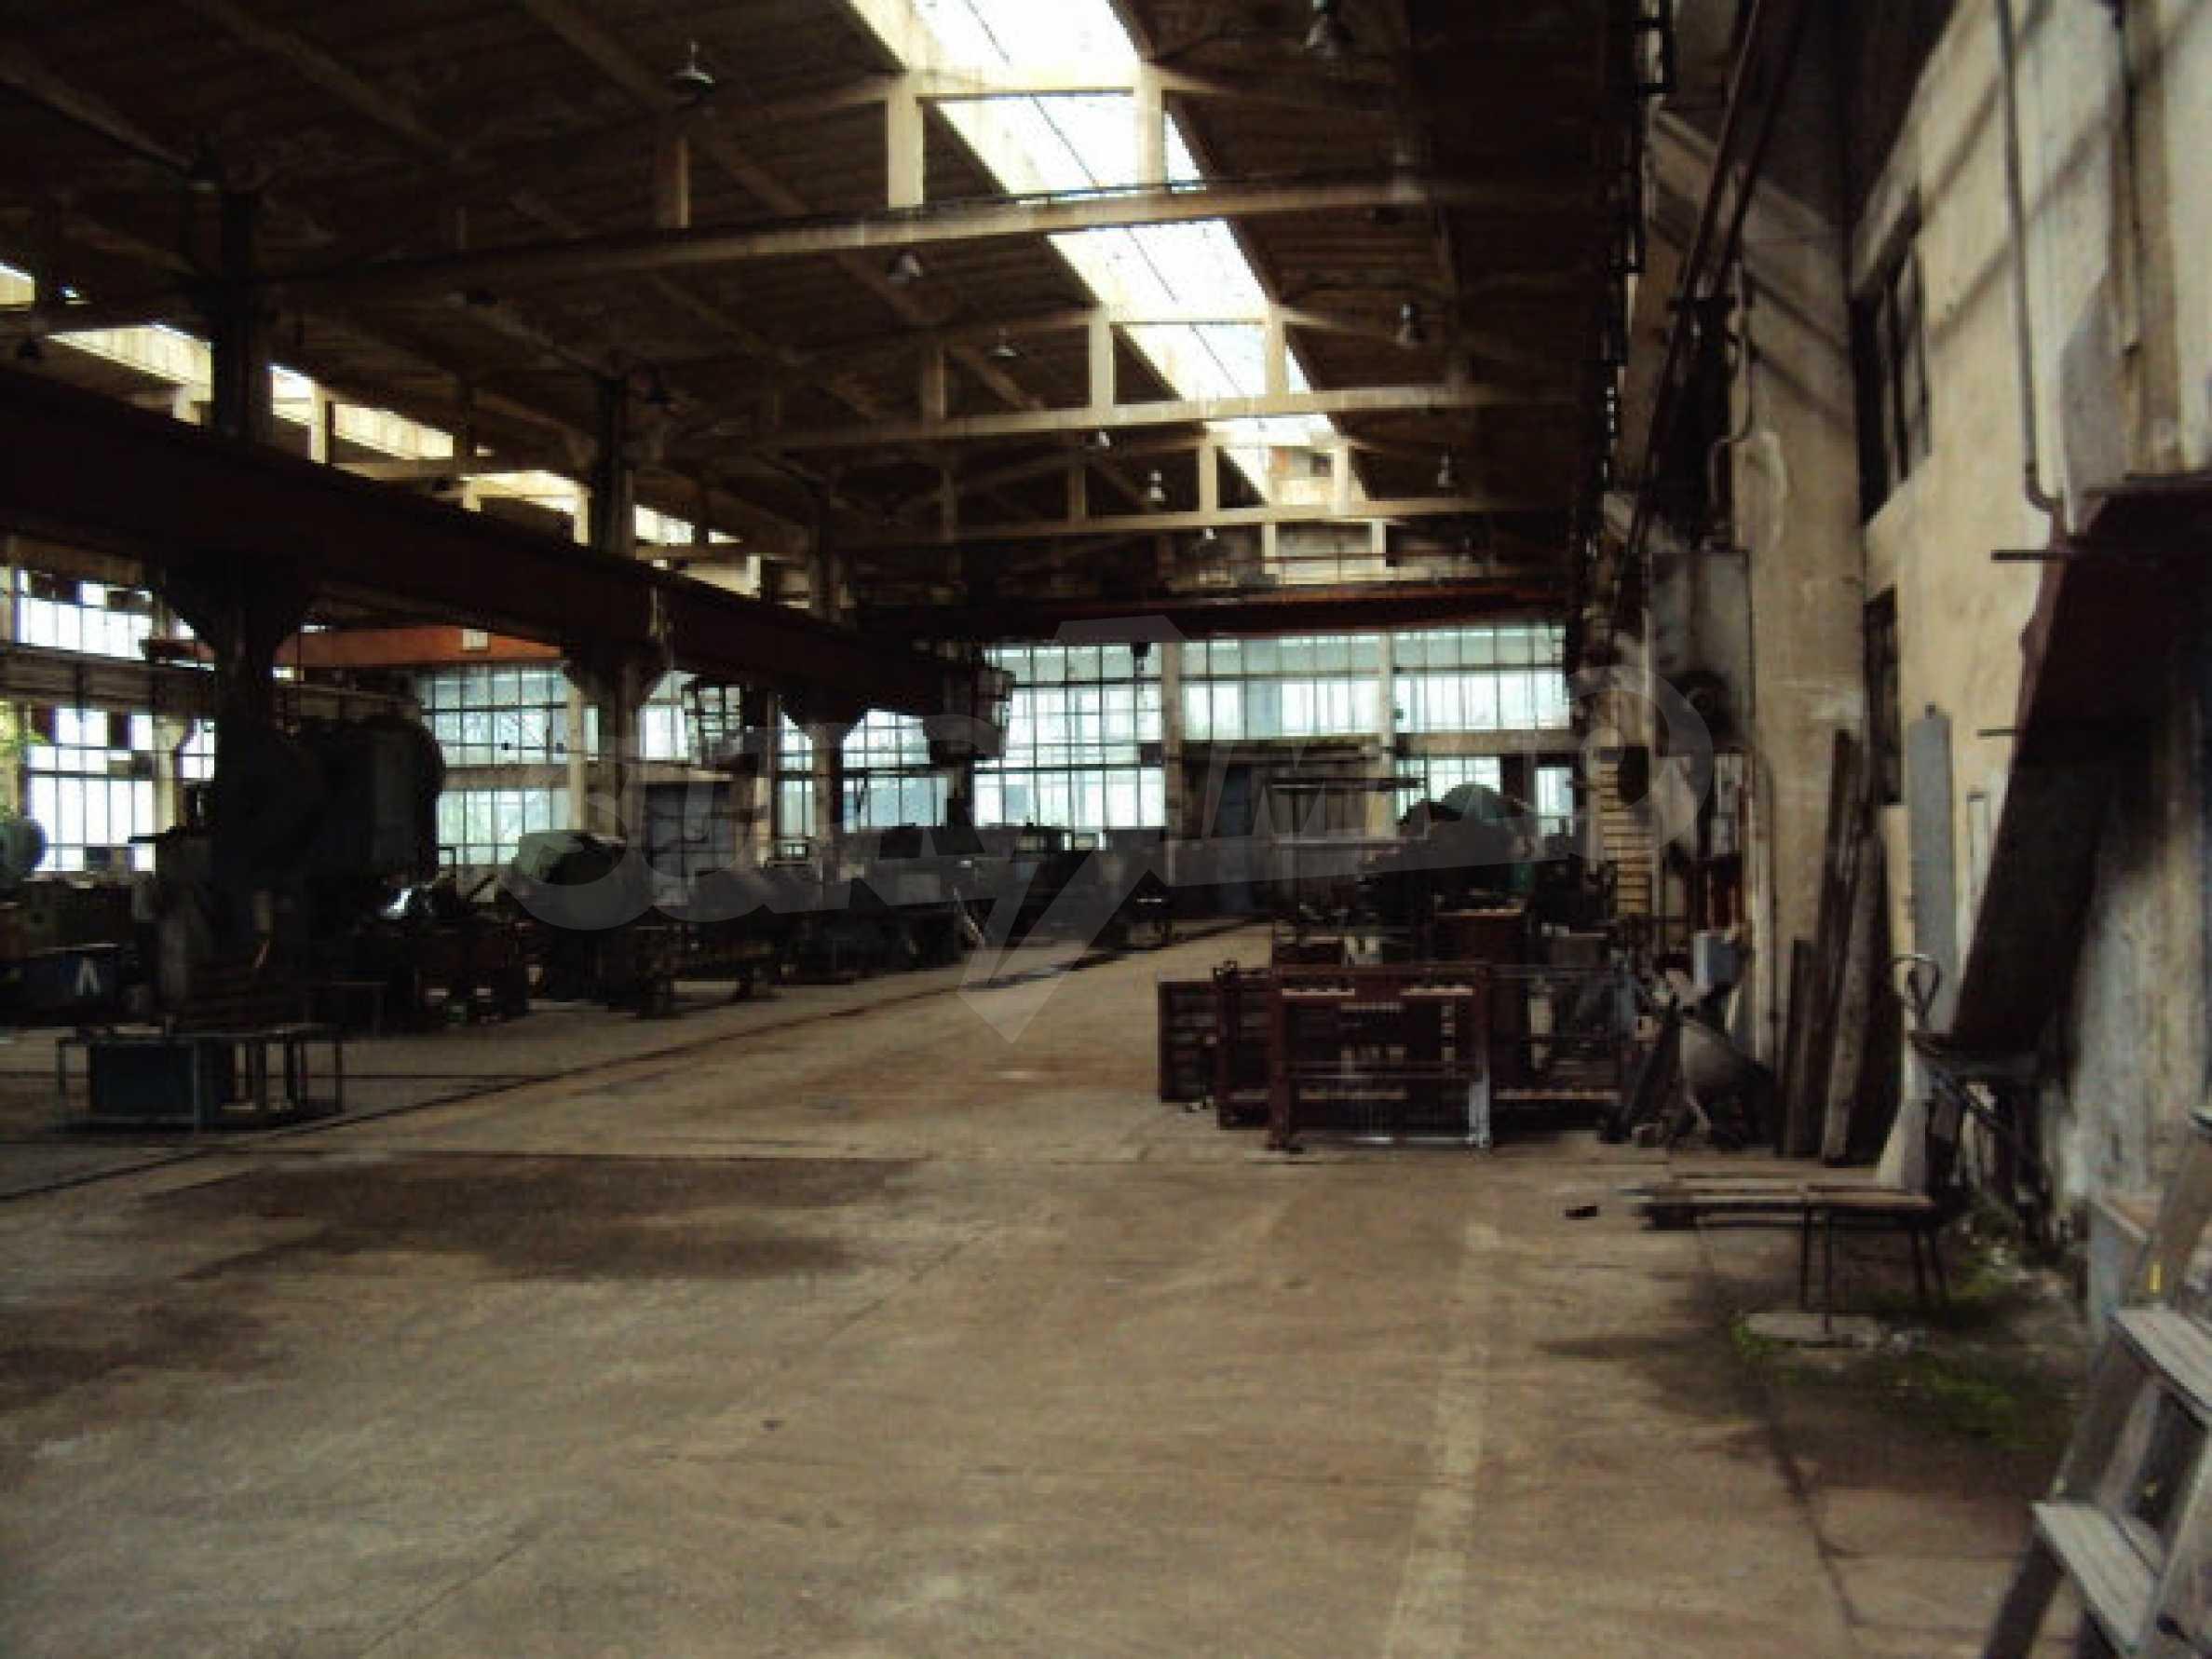 Factory for metal parts in Veliko Tarnovo 47